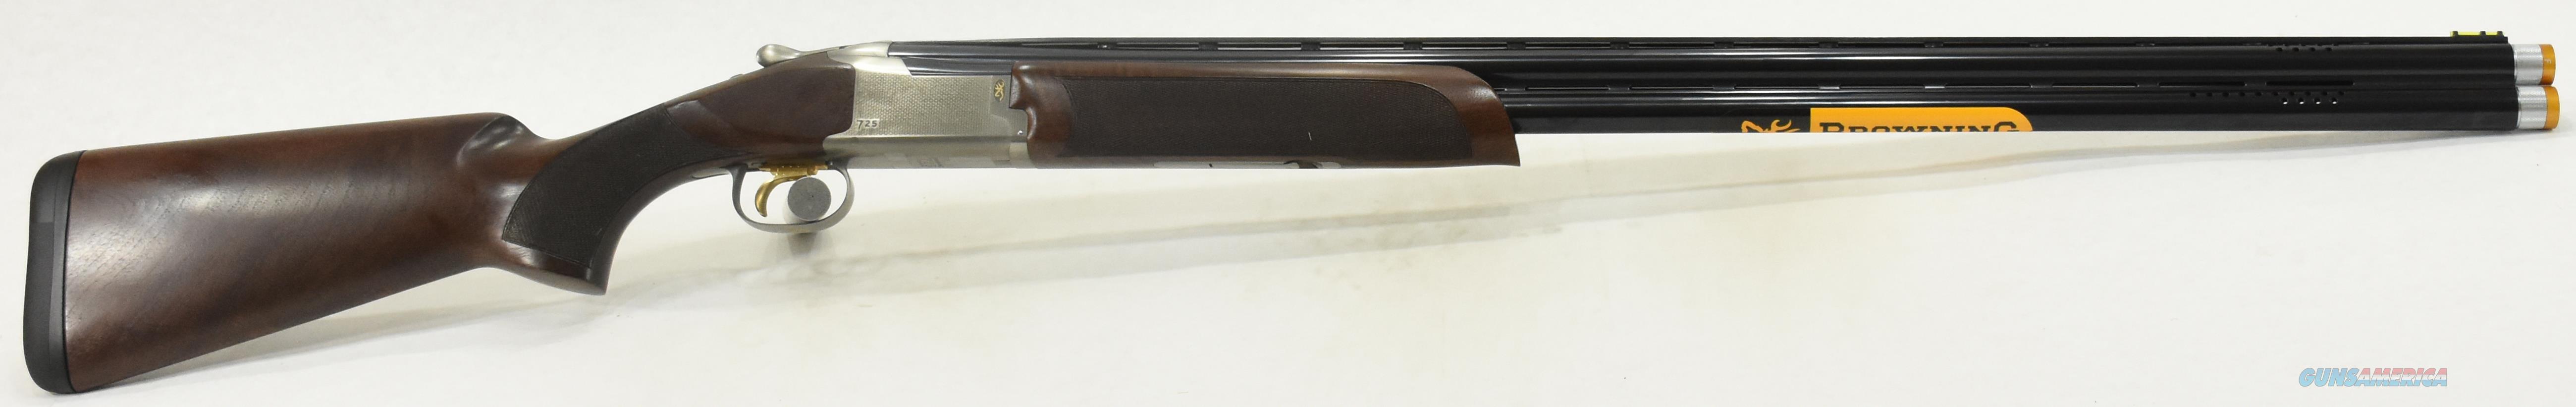 Citori 725 Sporting Walnut 12Ga 32-3In 0135313009  Guns > Shotguns > Browning Shotguns > Over Unders > Citori > Trap/Skeet